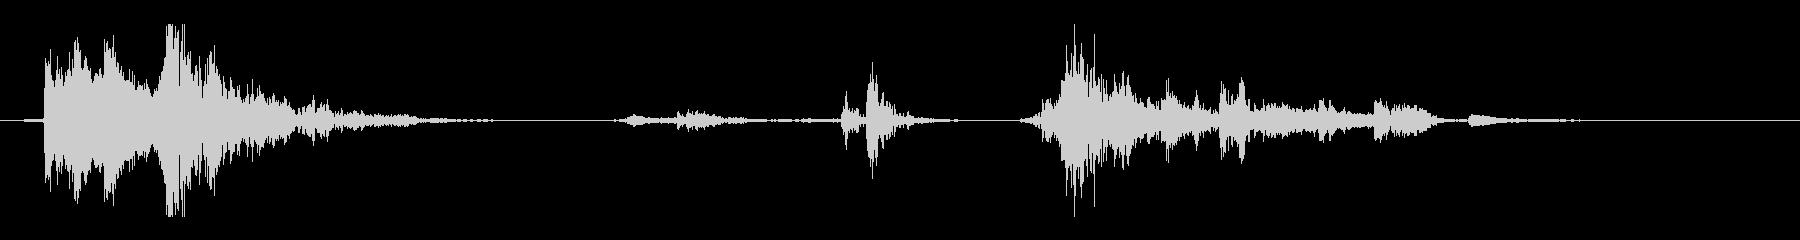 ガタガタ音の未再生の波形